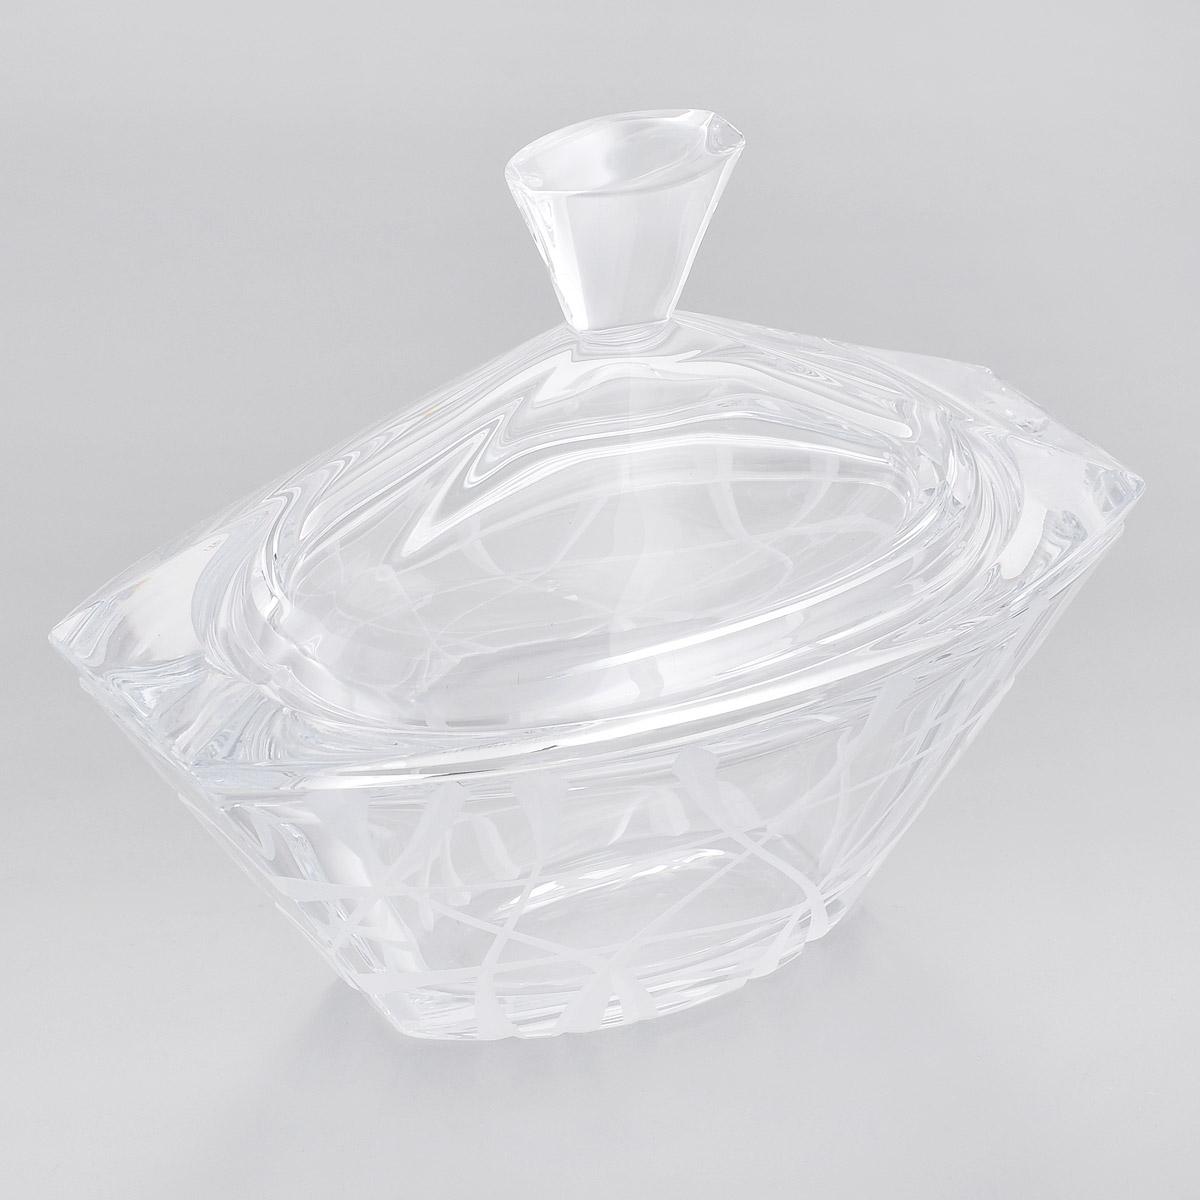 Шкатулка Crystalite Bohemia Луна, 18 см х 10 см5K806/1/07313/185Шкатулка Crystalite Bohemia Луна изготовлена из прочного утолщенного стекла кристалайт и оформлена рельефным узором. Шкатулка красиво переливается и излучает приятный блеск. Изделие подходит для хранения мелких вещей, также прекрасно послужит в качестве вазы для хранения конфет и других сладостей. Шкатулка оснащена крышкой. Шкатулка Crystalite Bohemia Луна - это изысканное украшение праздничного стола, интерьера кухни или комнаты. Такая шкатулка станет желанным и стильным подарком. Можно использовать в посудомоечной машине и микроволновой печи.